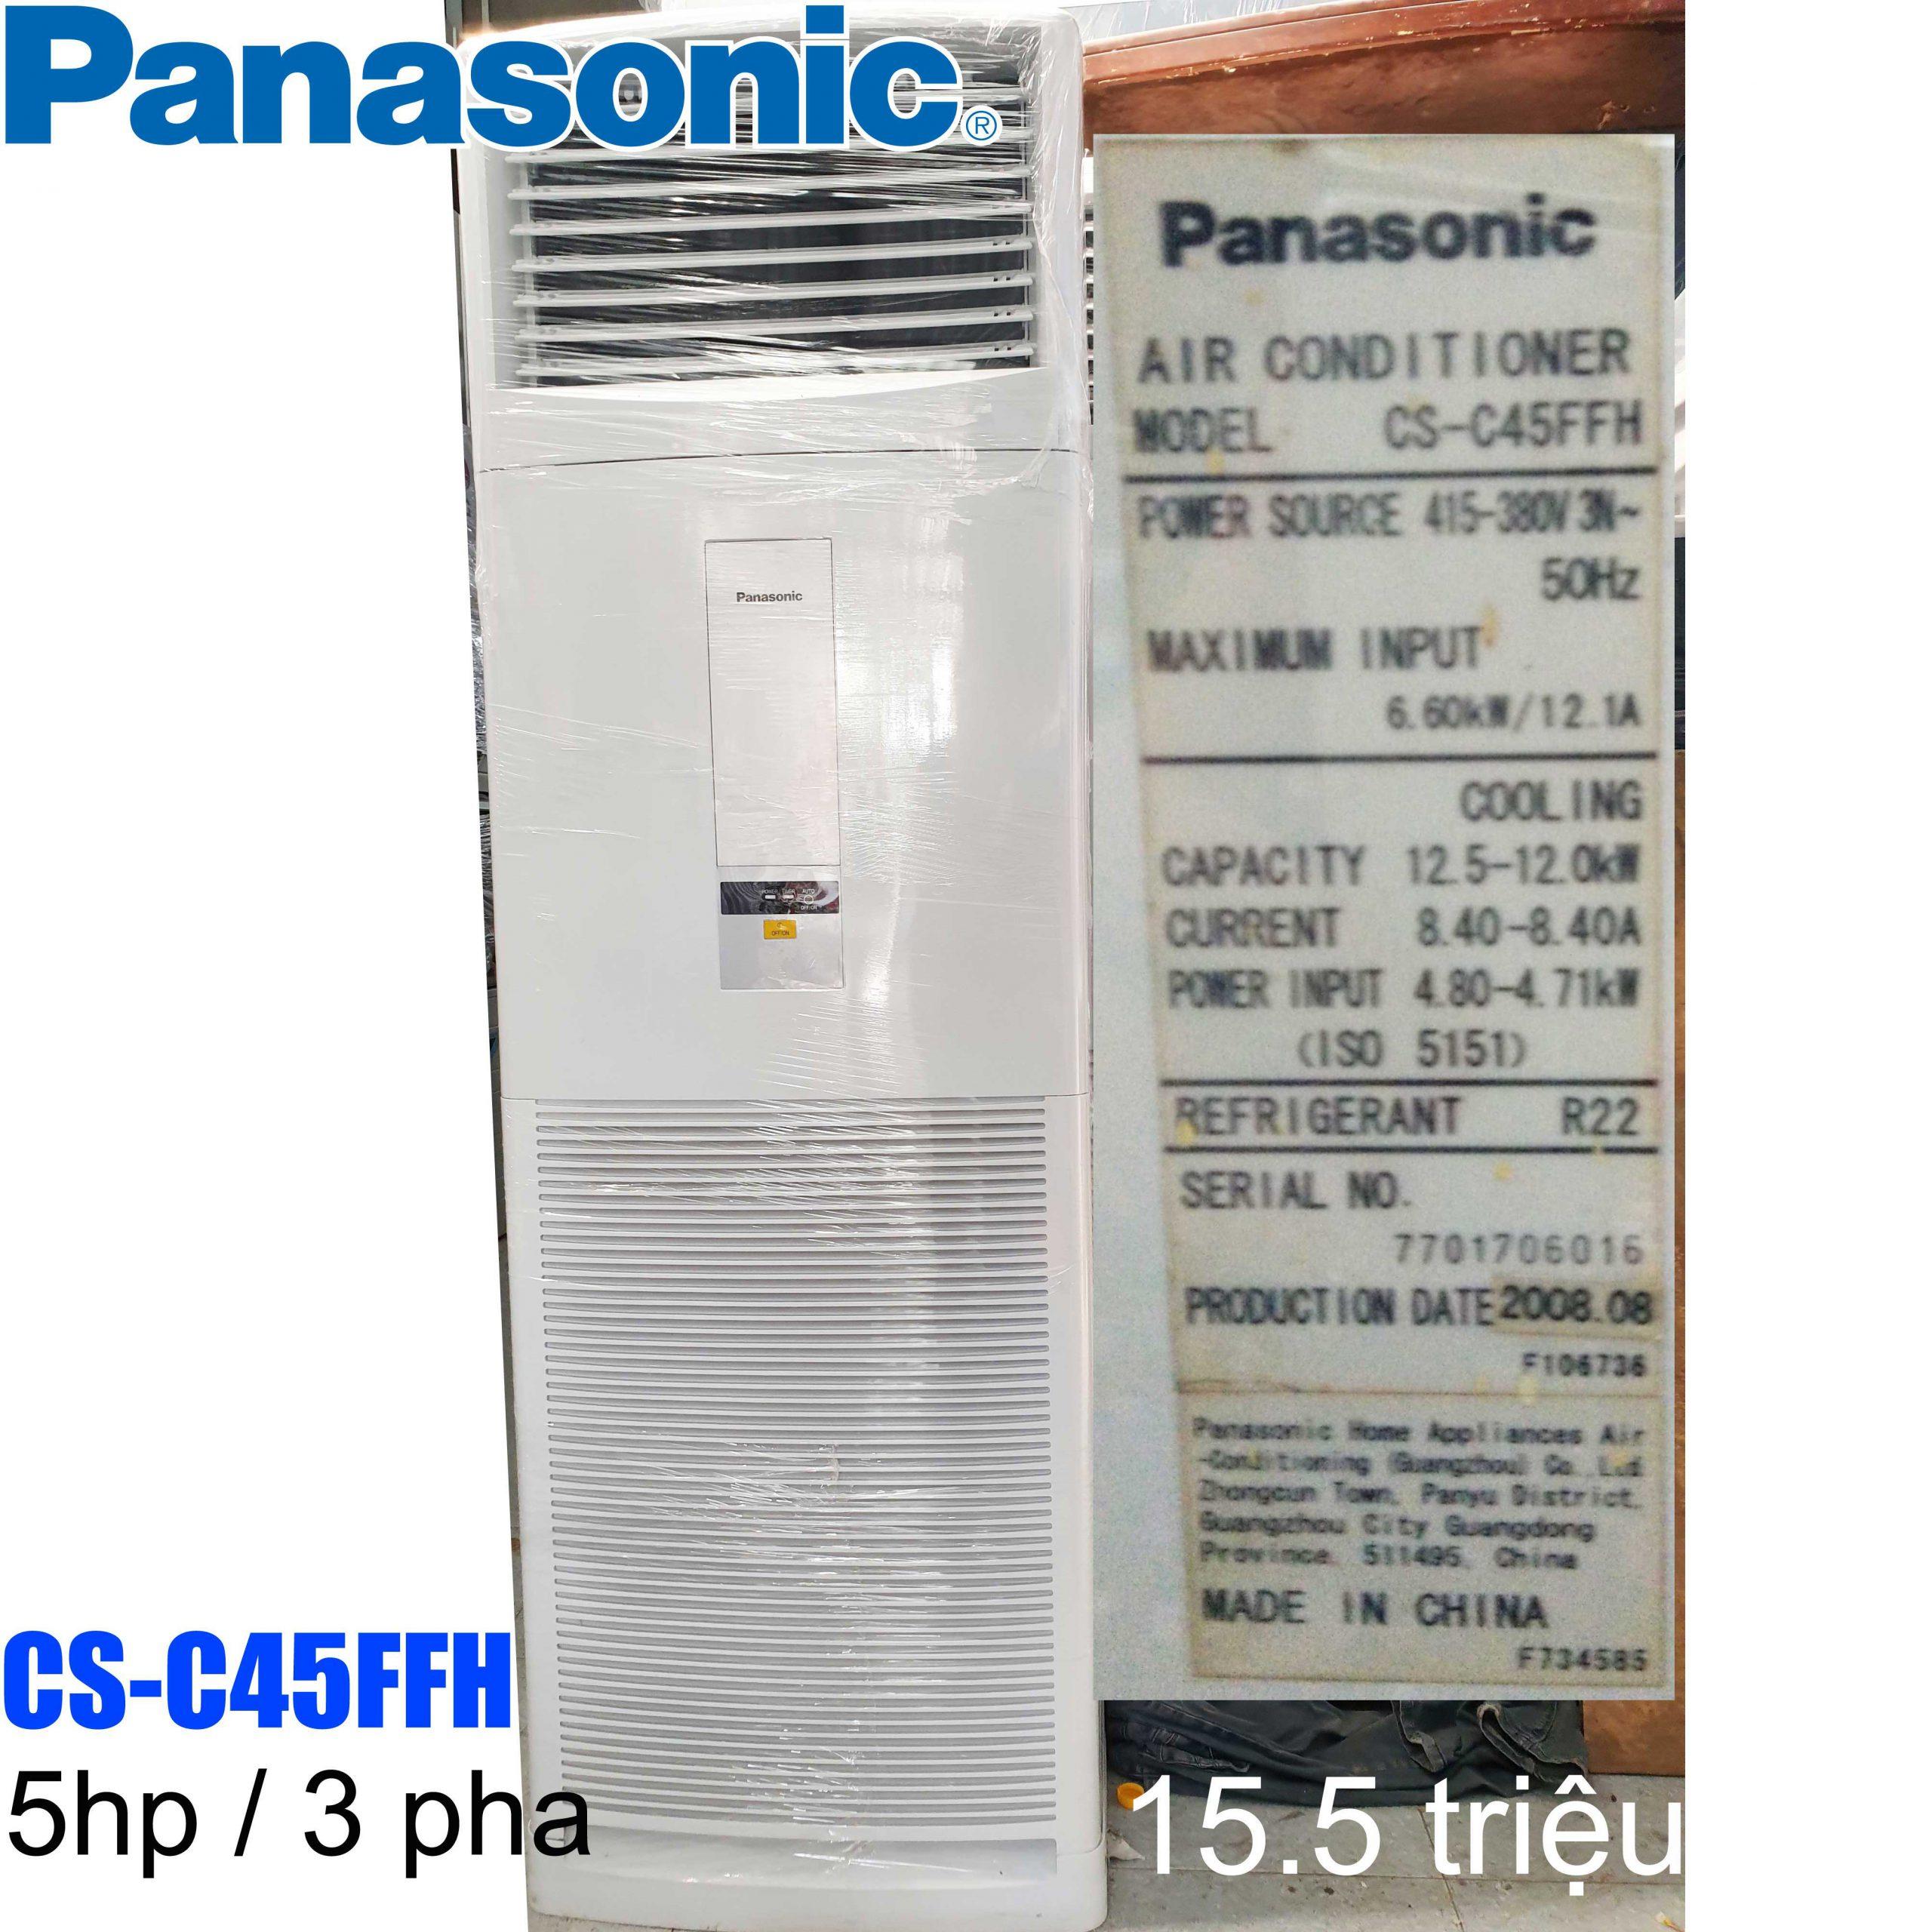 Máy lạnh tủ đứng Panasonic CS-C45FFH 5HP